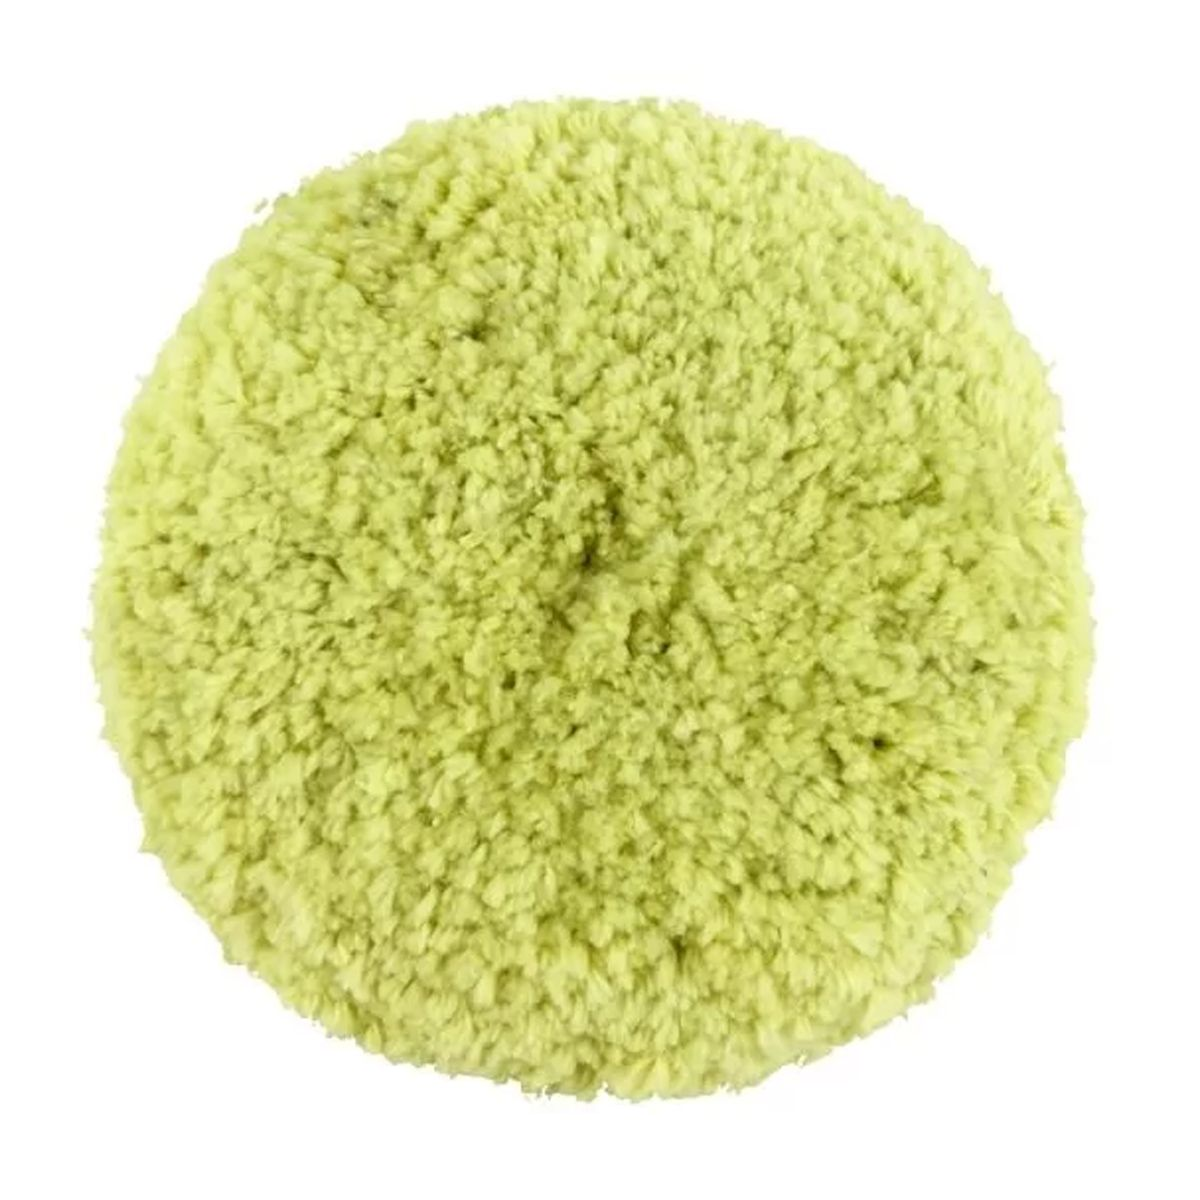 Boina de Lã Dupla Face Super Macia Amarela 8p Perfect-It 3M